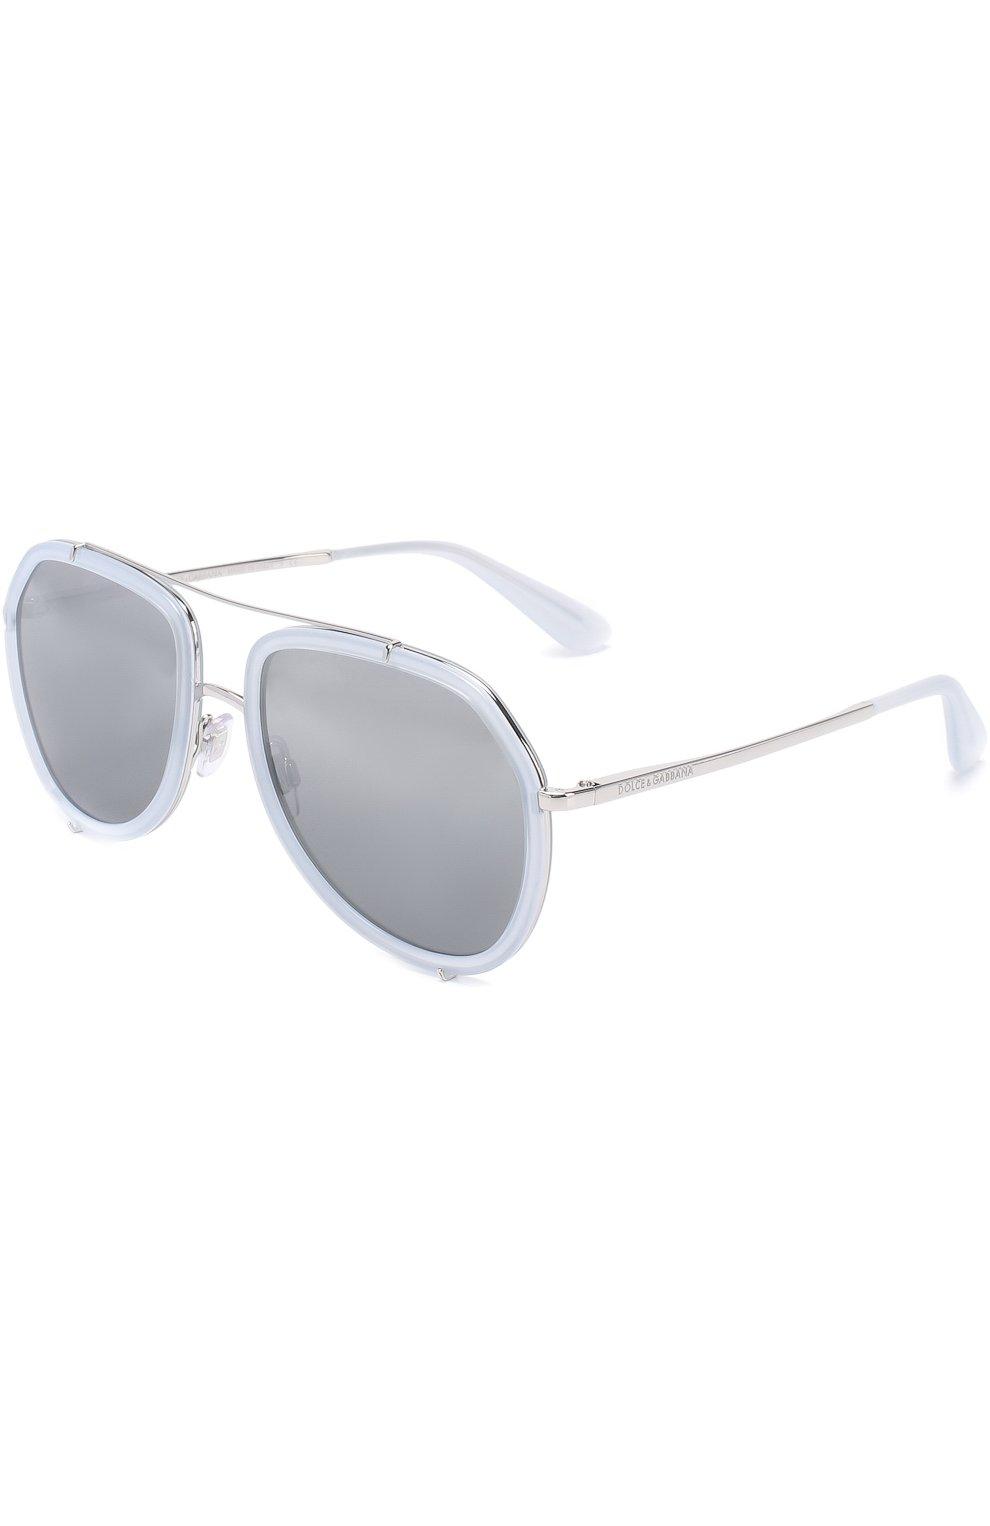 Женские солнцезащитные очки DOLCE & GABBANA светло-серого цвета, арт. 2161-05/88 | Фото 1